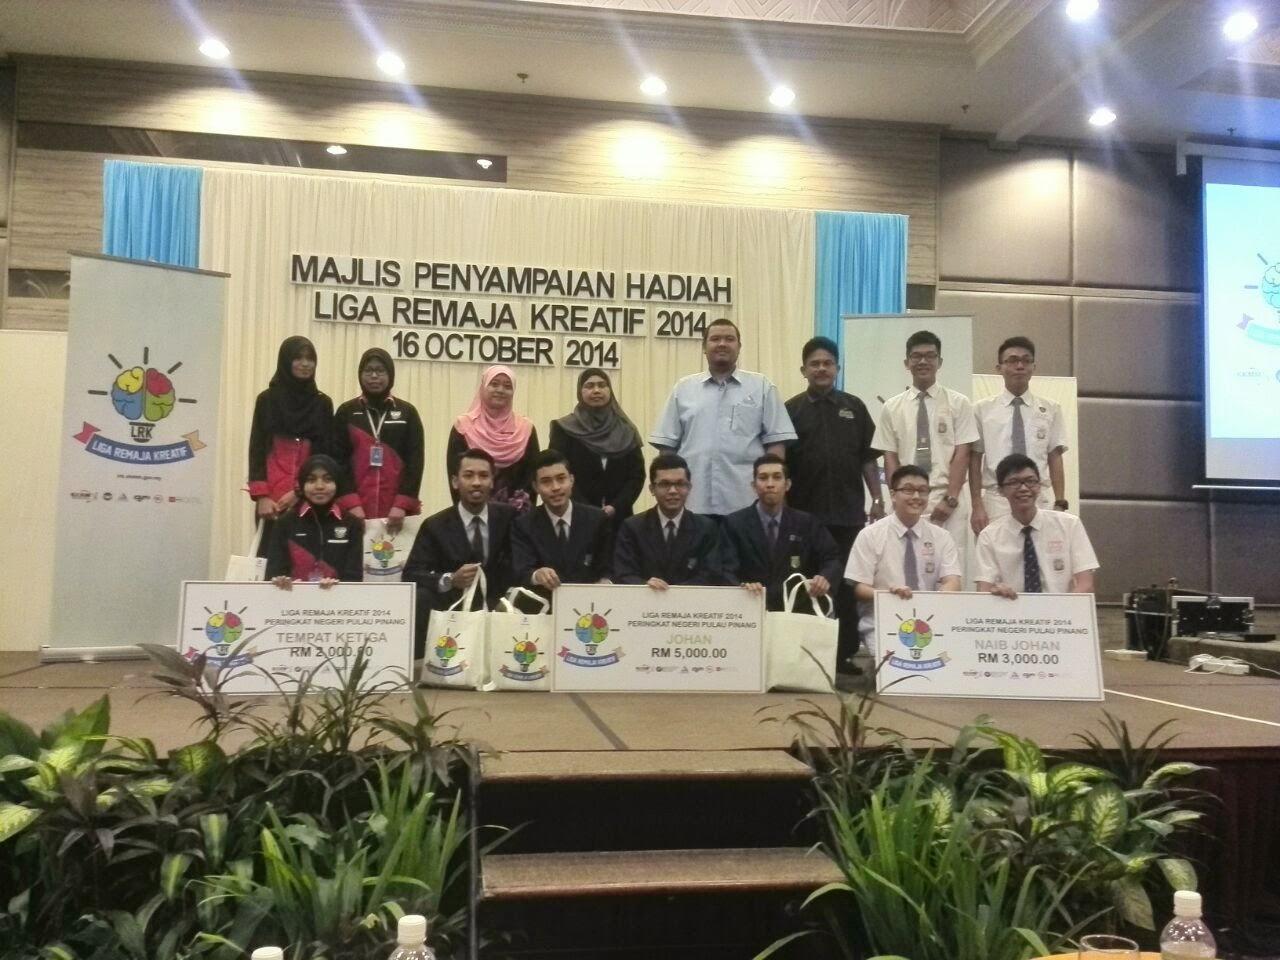 Keputusan Liga Remaja Kreatif 2014 (Zon Utara) Pulau Pinang